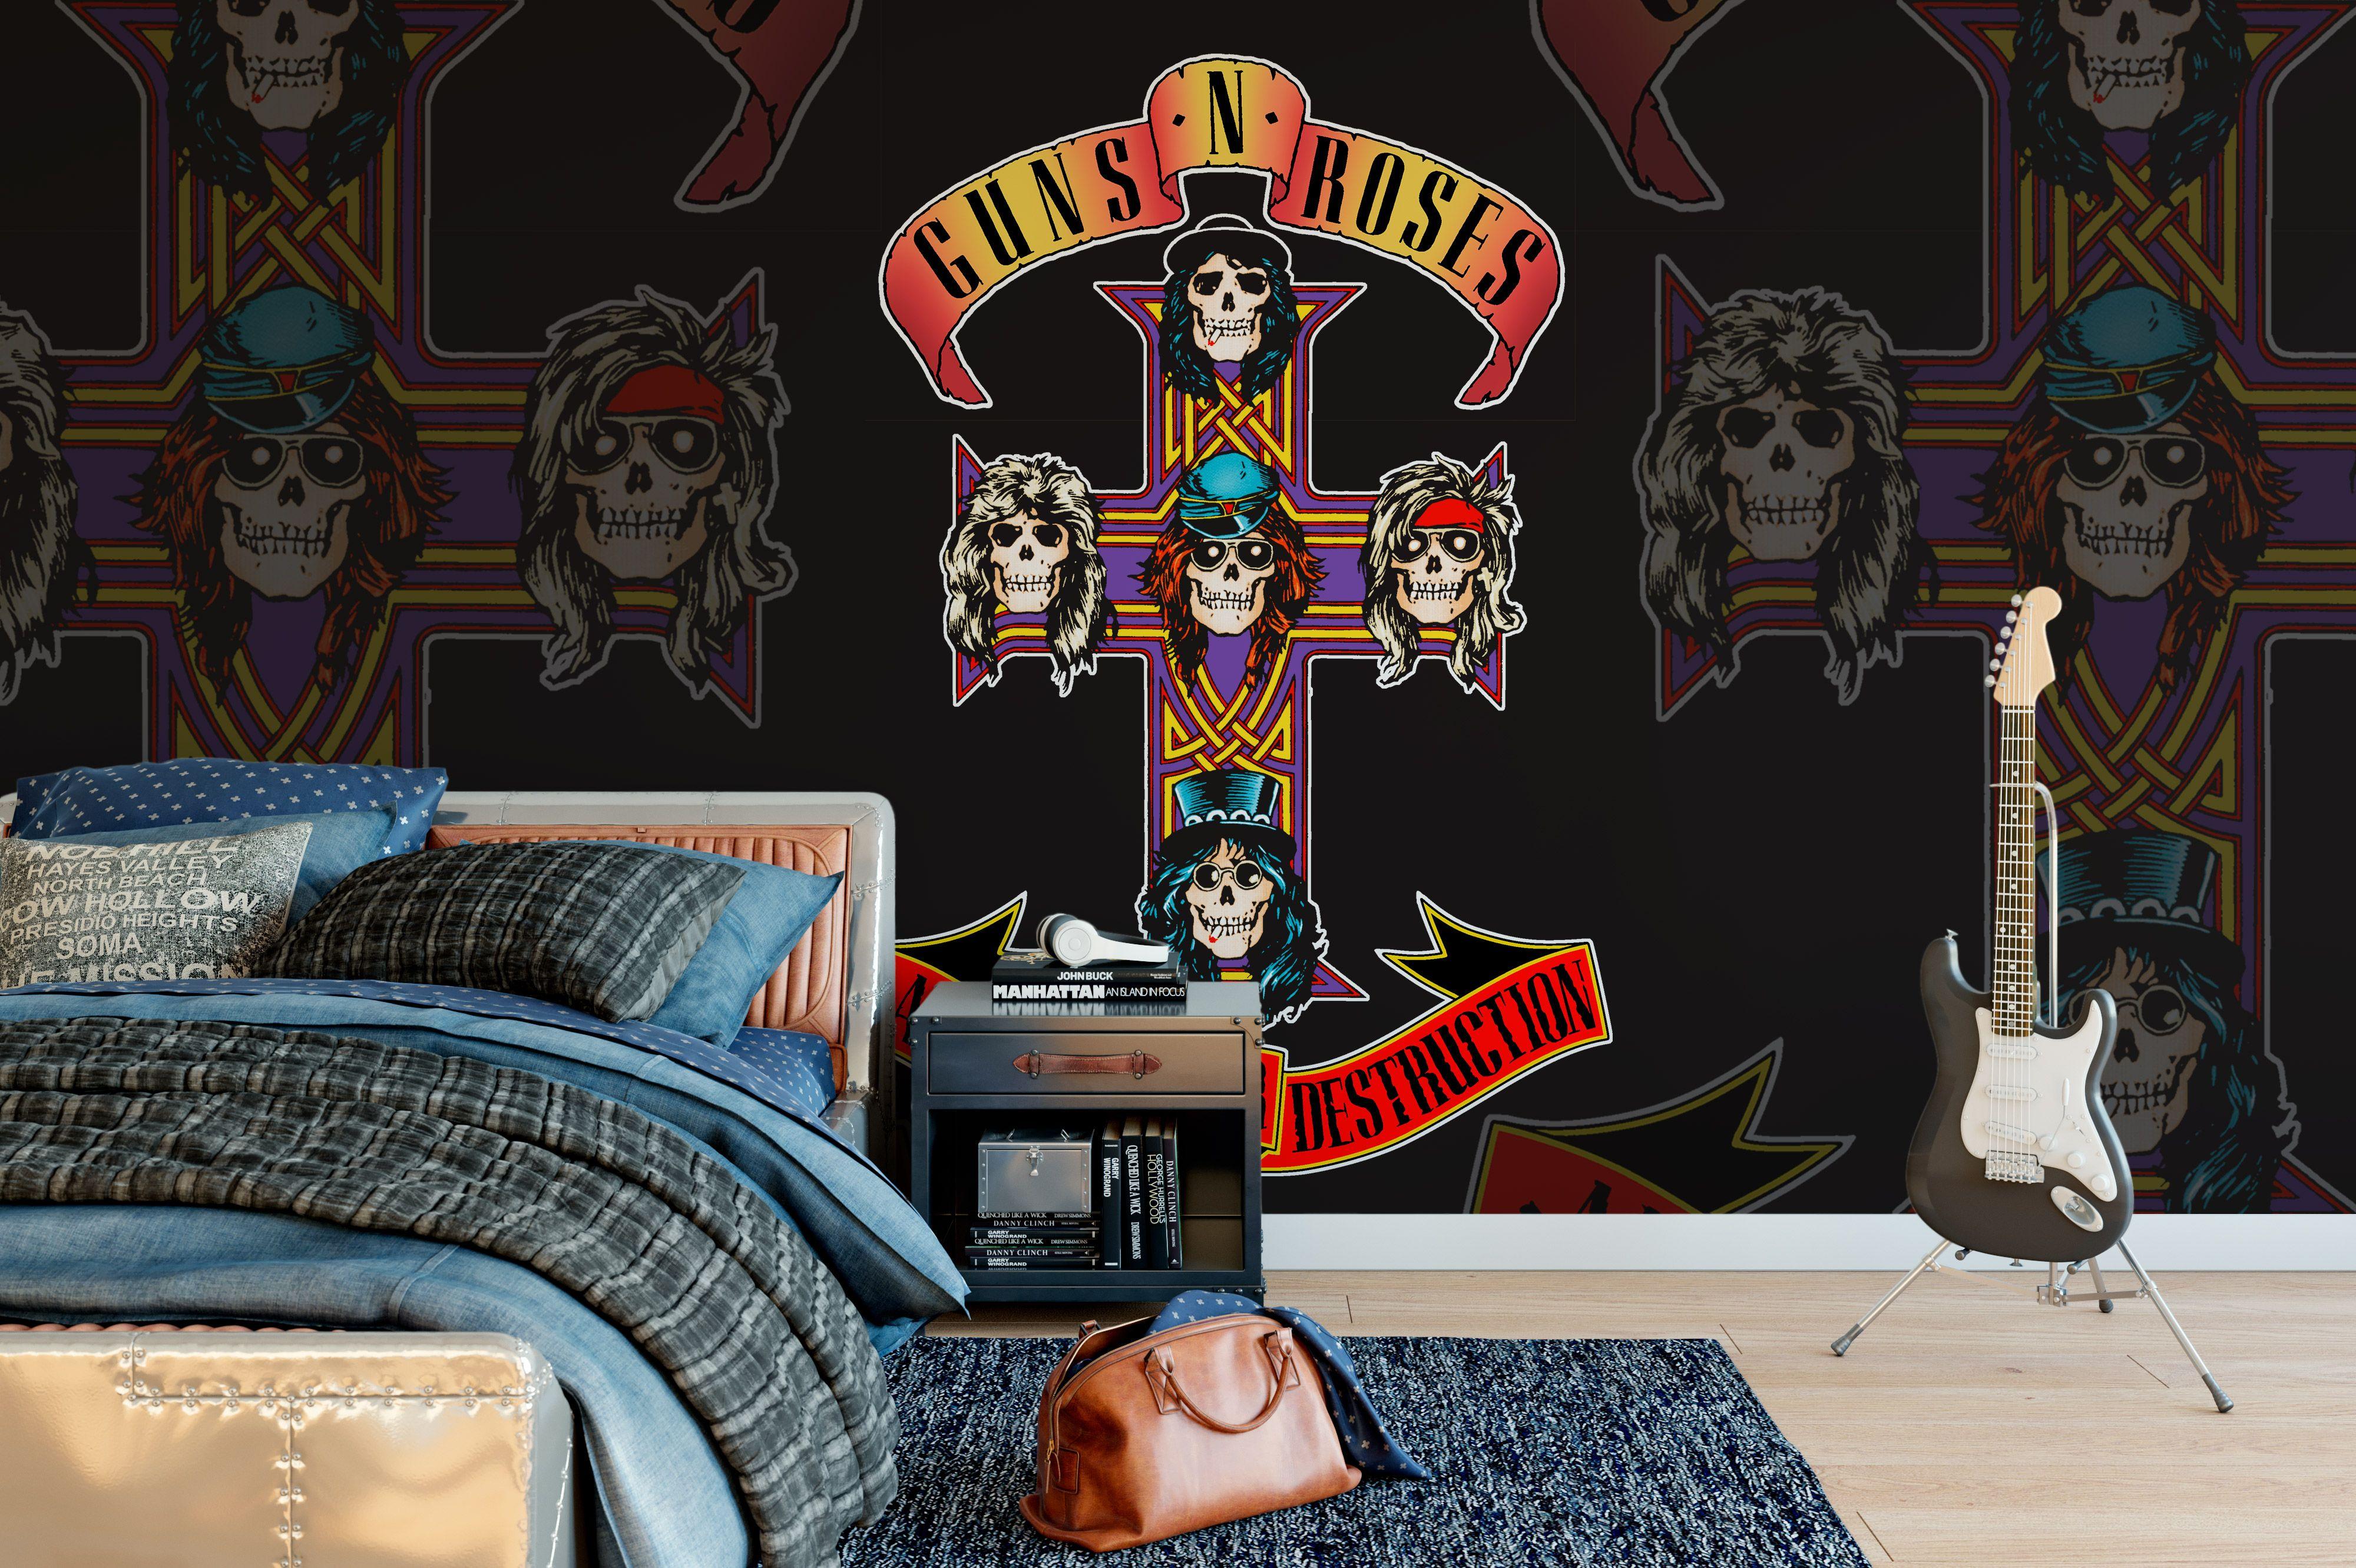 Guns N' Roses Appetite For Destruction Wall Mural Rock